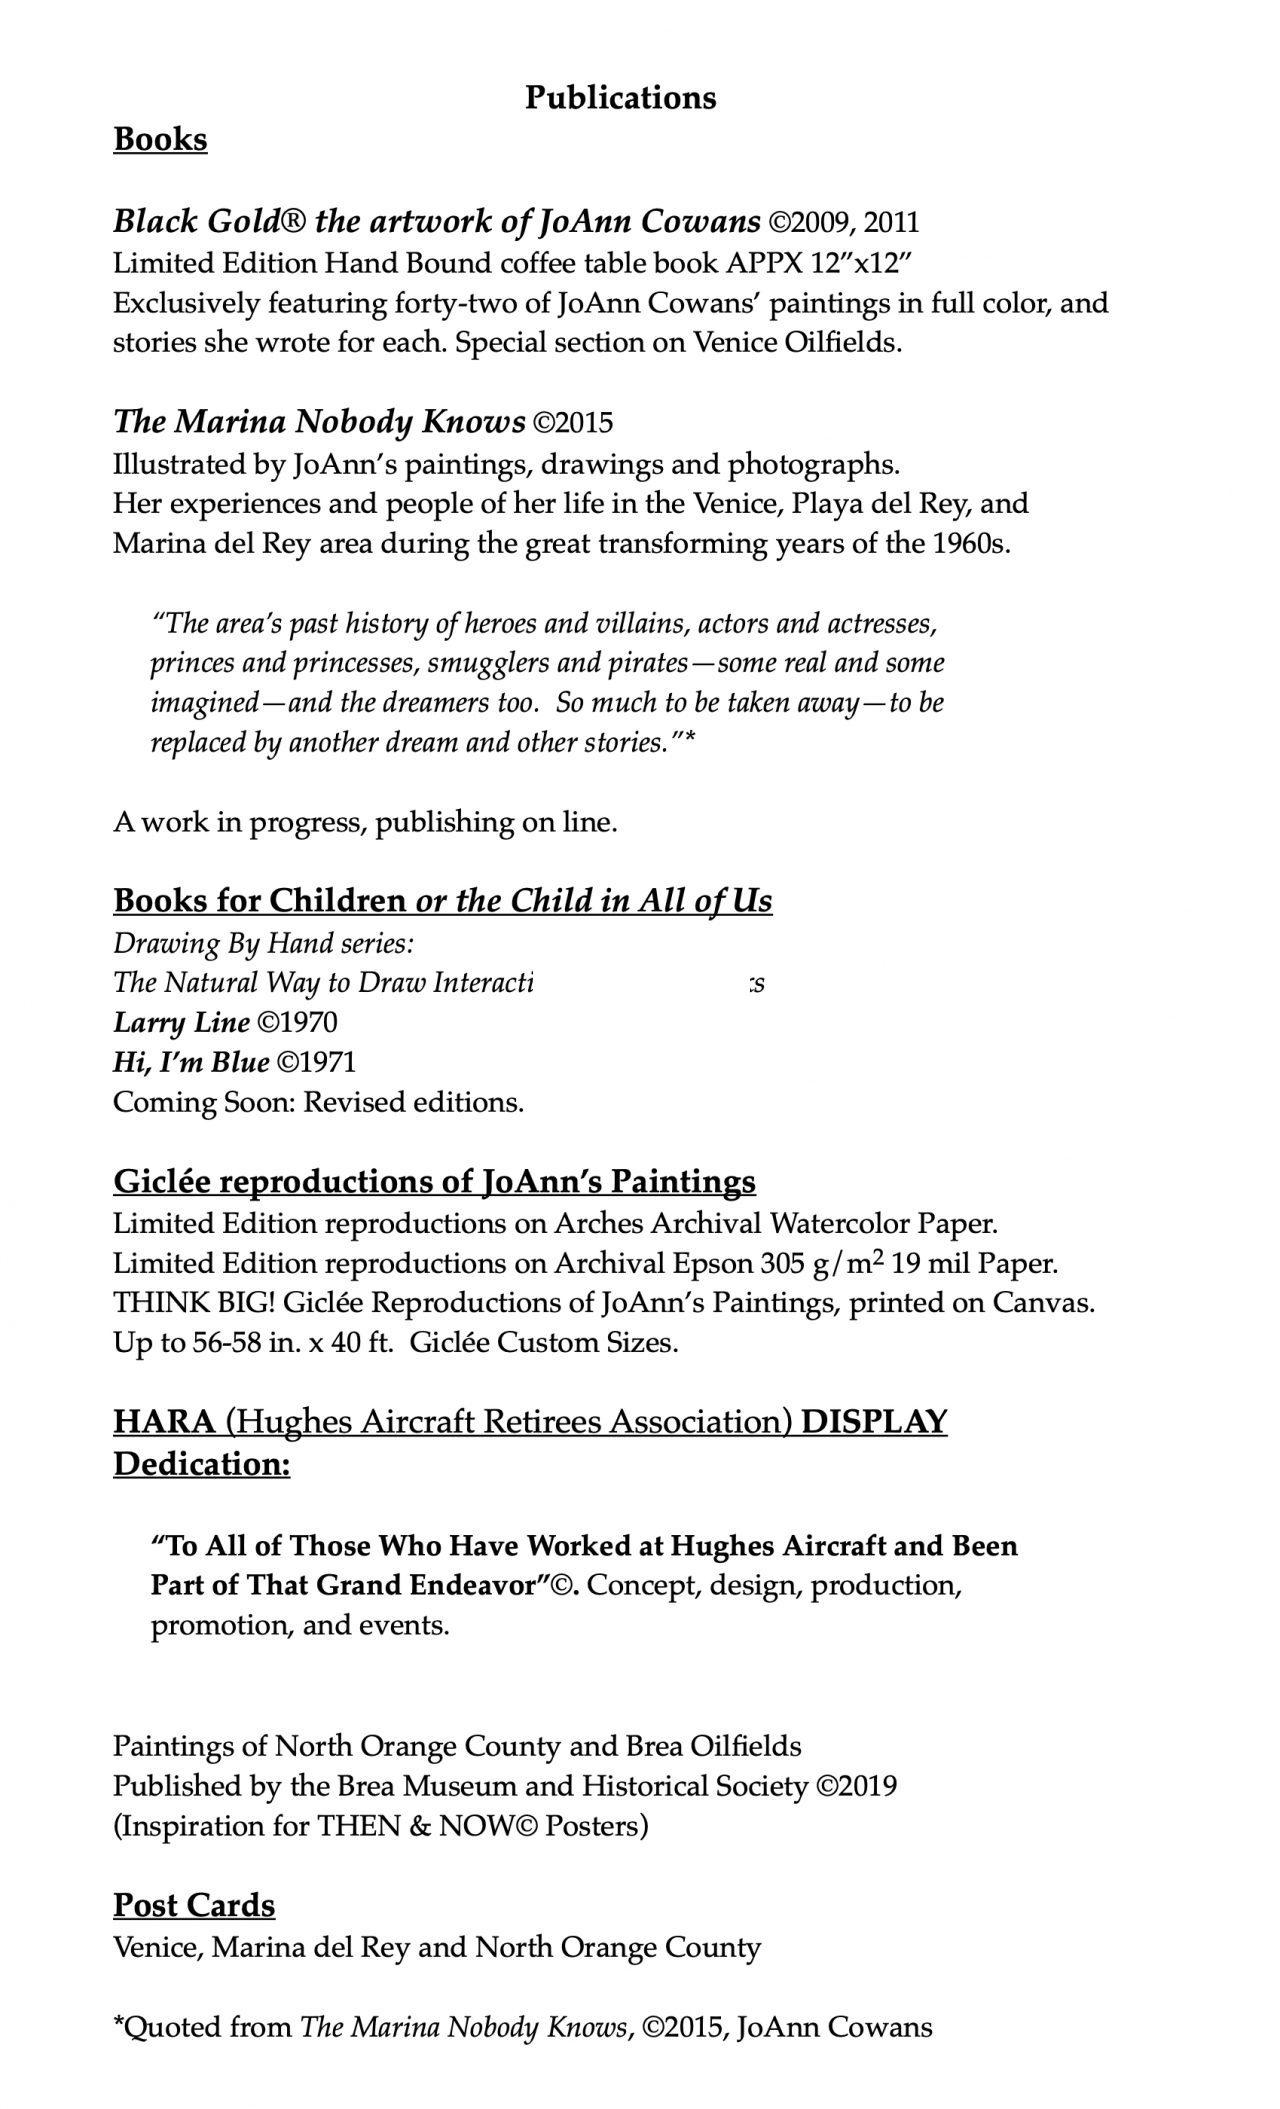 Publications-v5-1280x2109